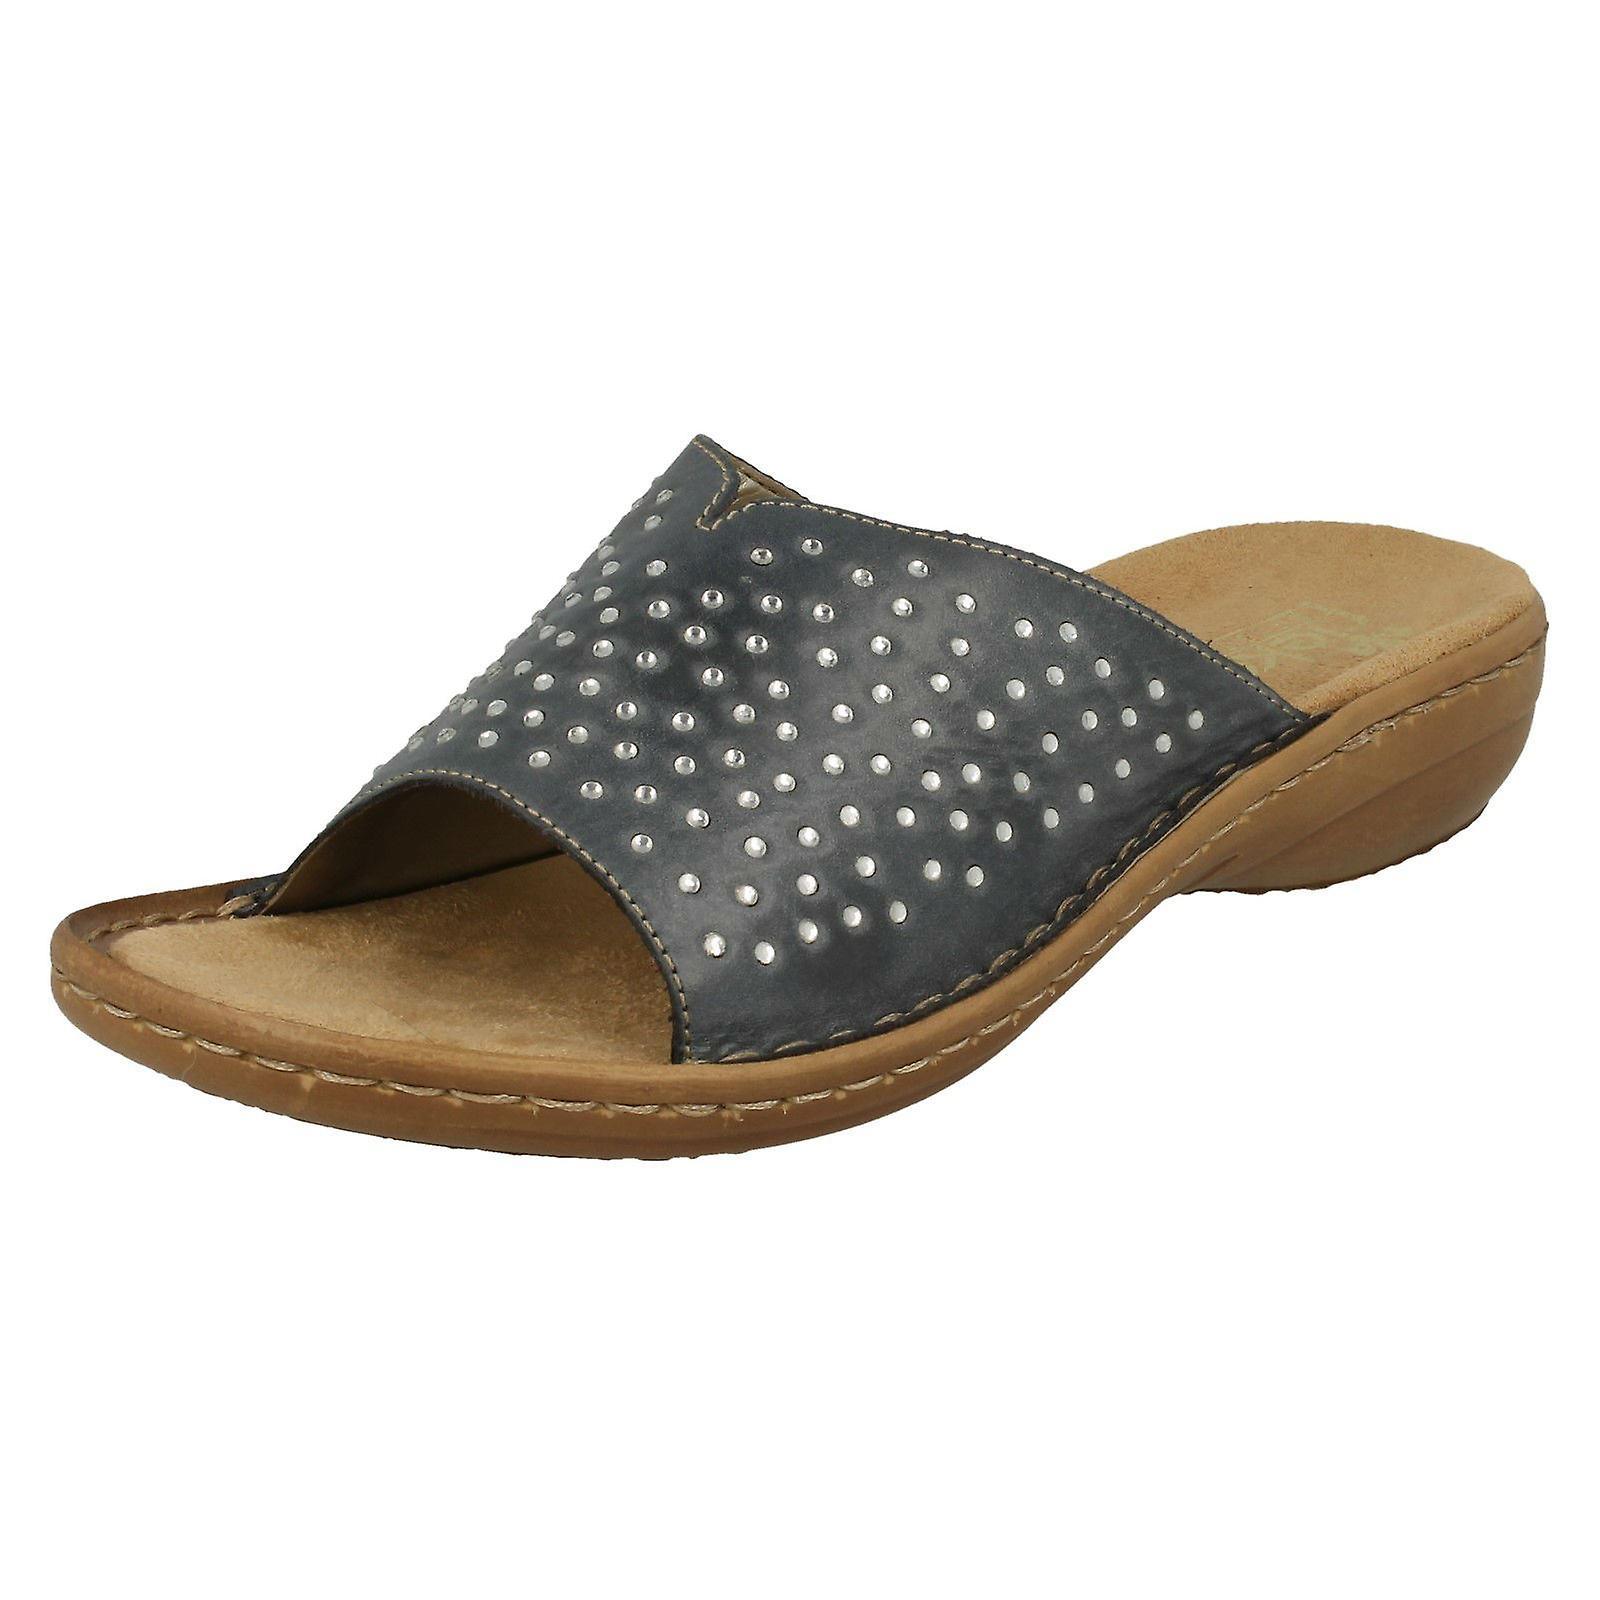 Ladies Rieker Mule Sandals 608P9 oOAgV